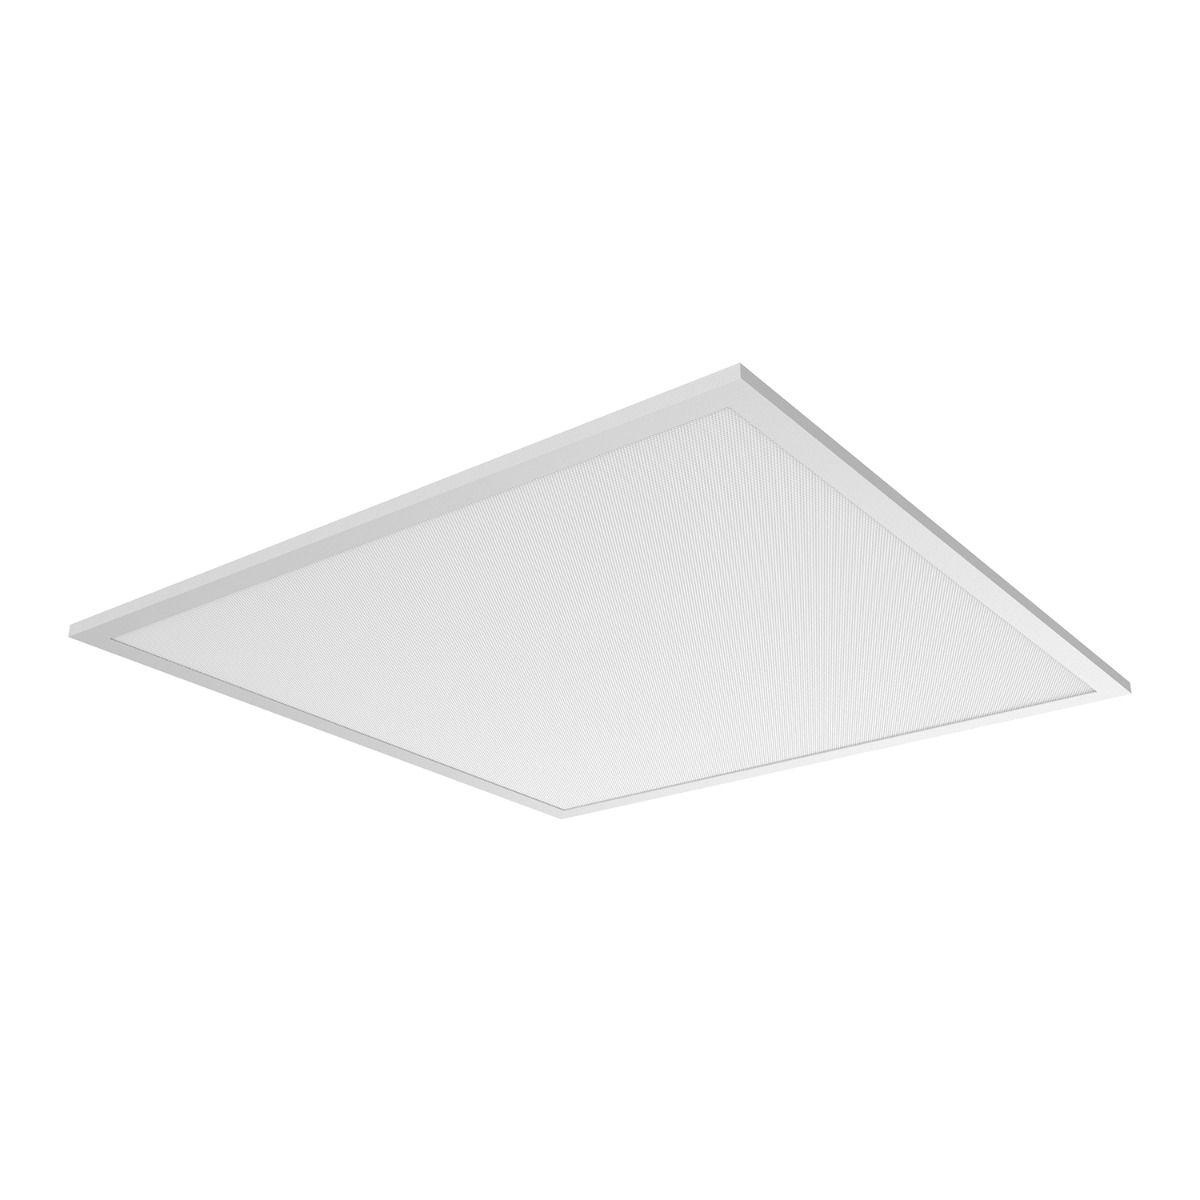 Noxion LED panel Delta Pro V3 Highlum 36W 3000K 5225lm 60x60cm UGR <19 | varm hvit - erstatter 4x18W